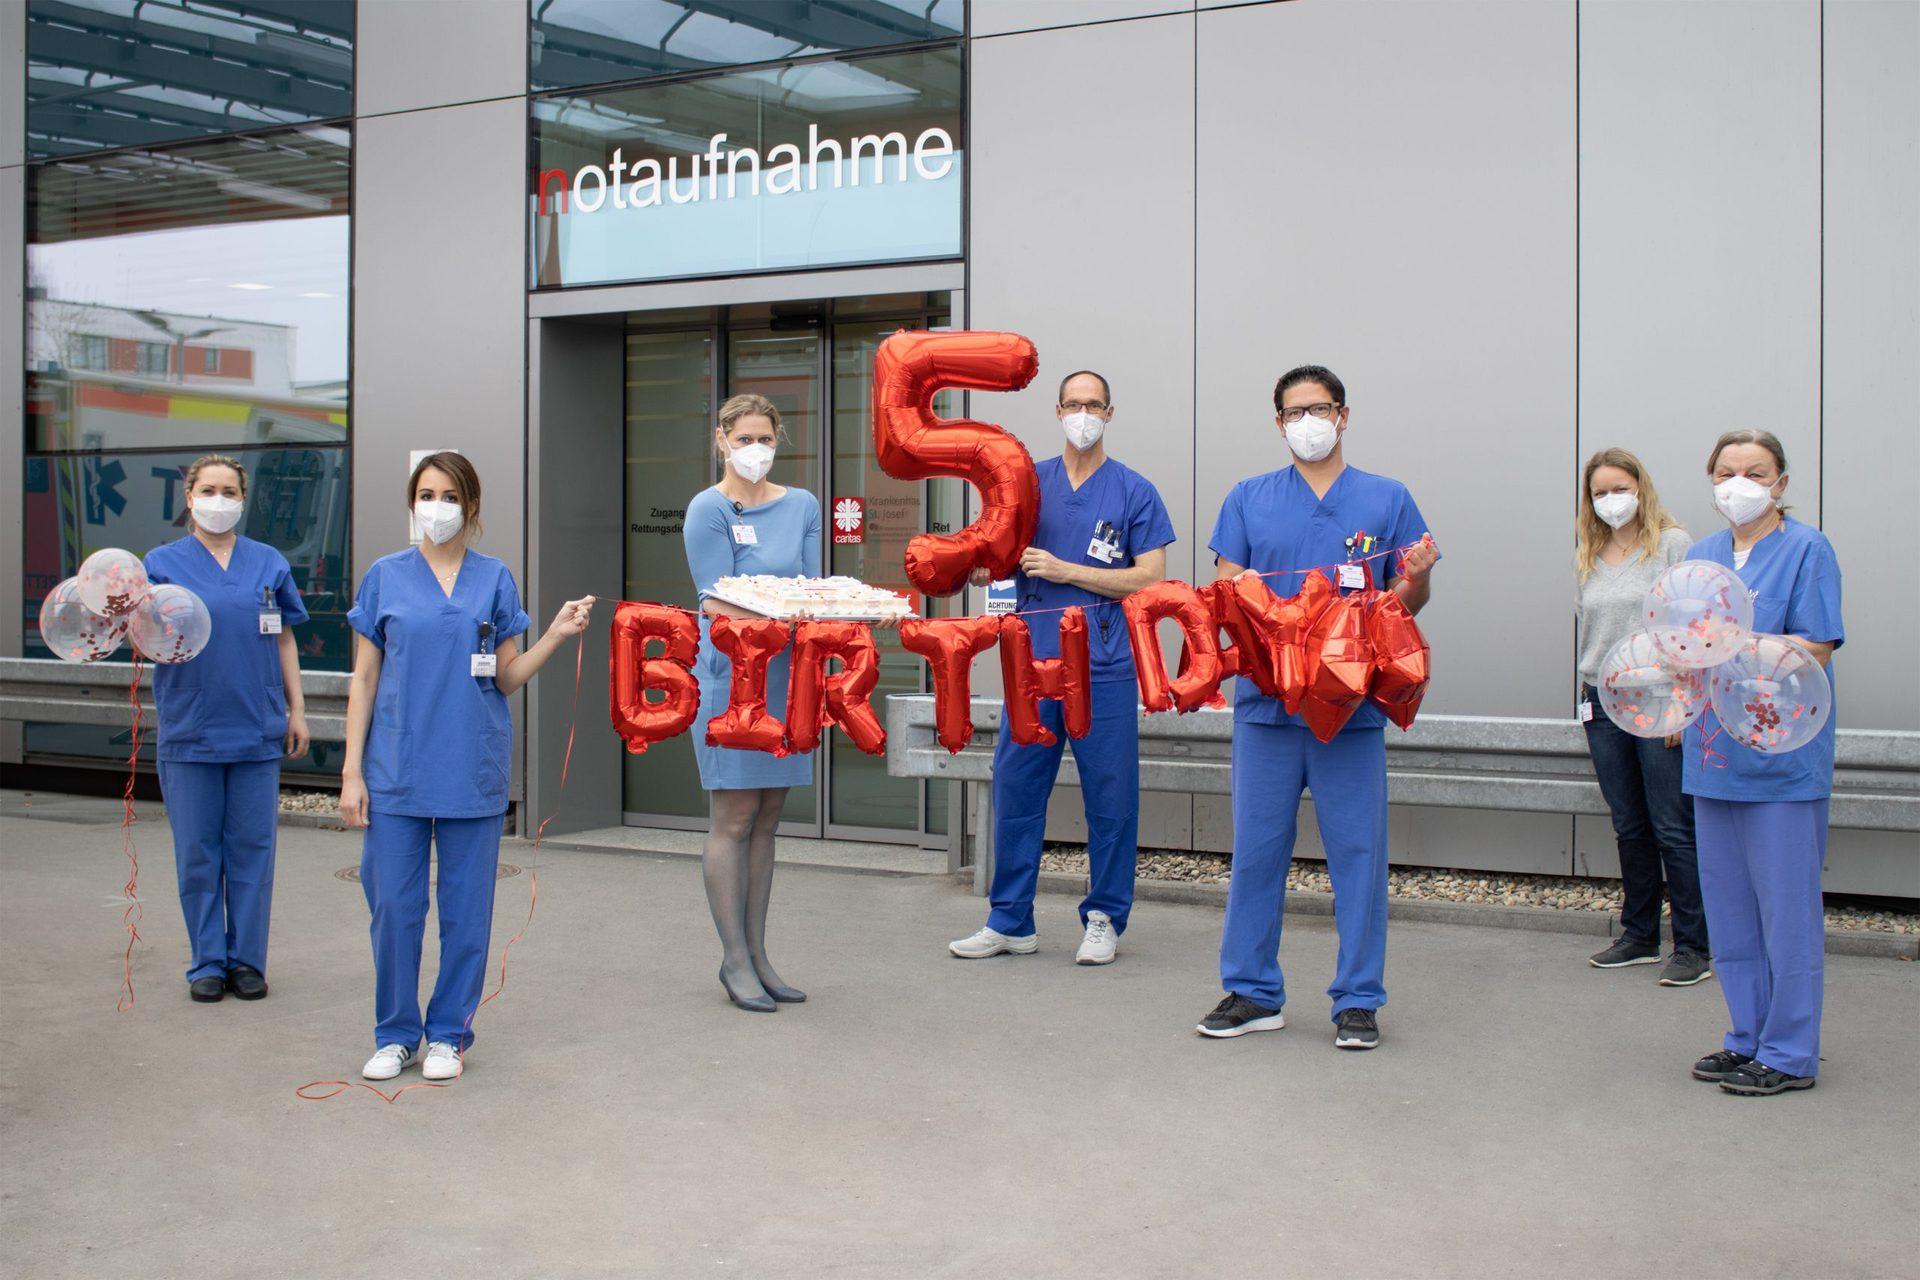 Fünf Jahre rund um die Uhr im Einsatz Zentrale Notaufnahme am Regensburger Caritas-Krankenhaus St. Josef feiert Jubiläum